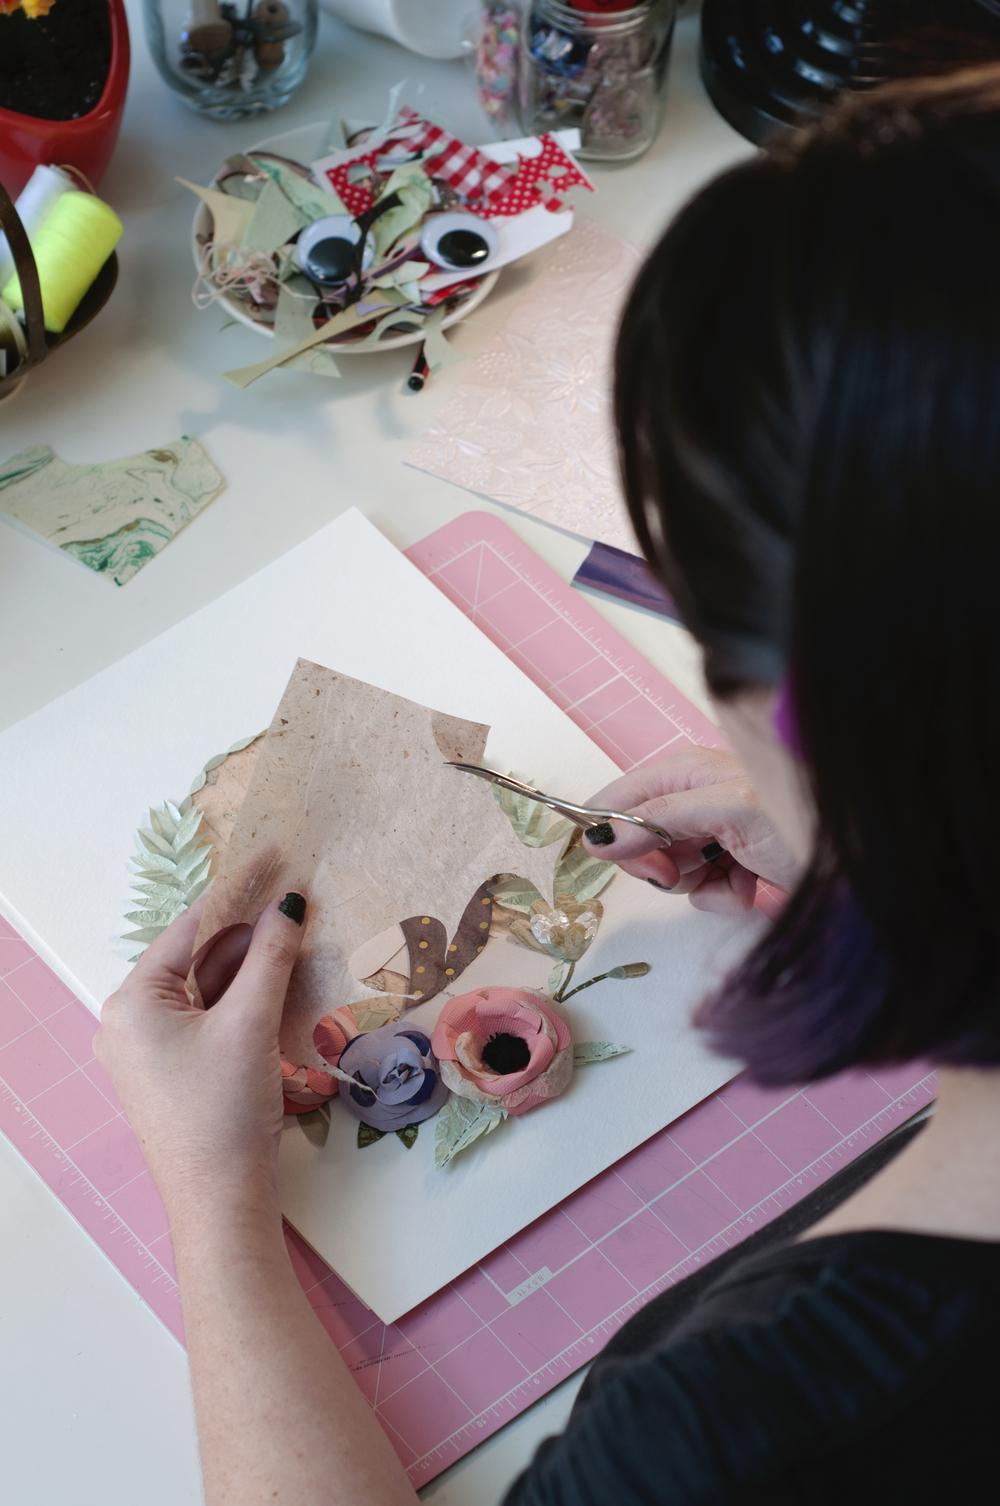 Tara Galuska Paper Artist creating in studio